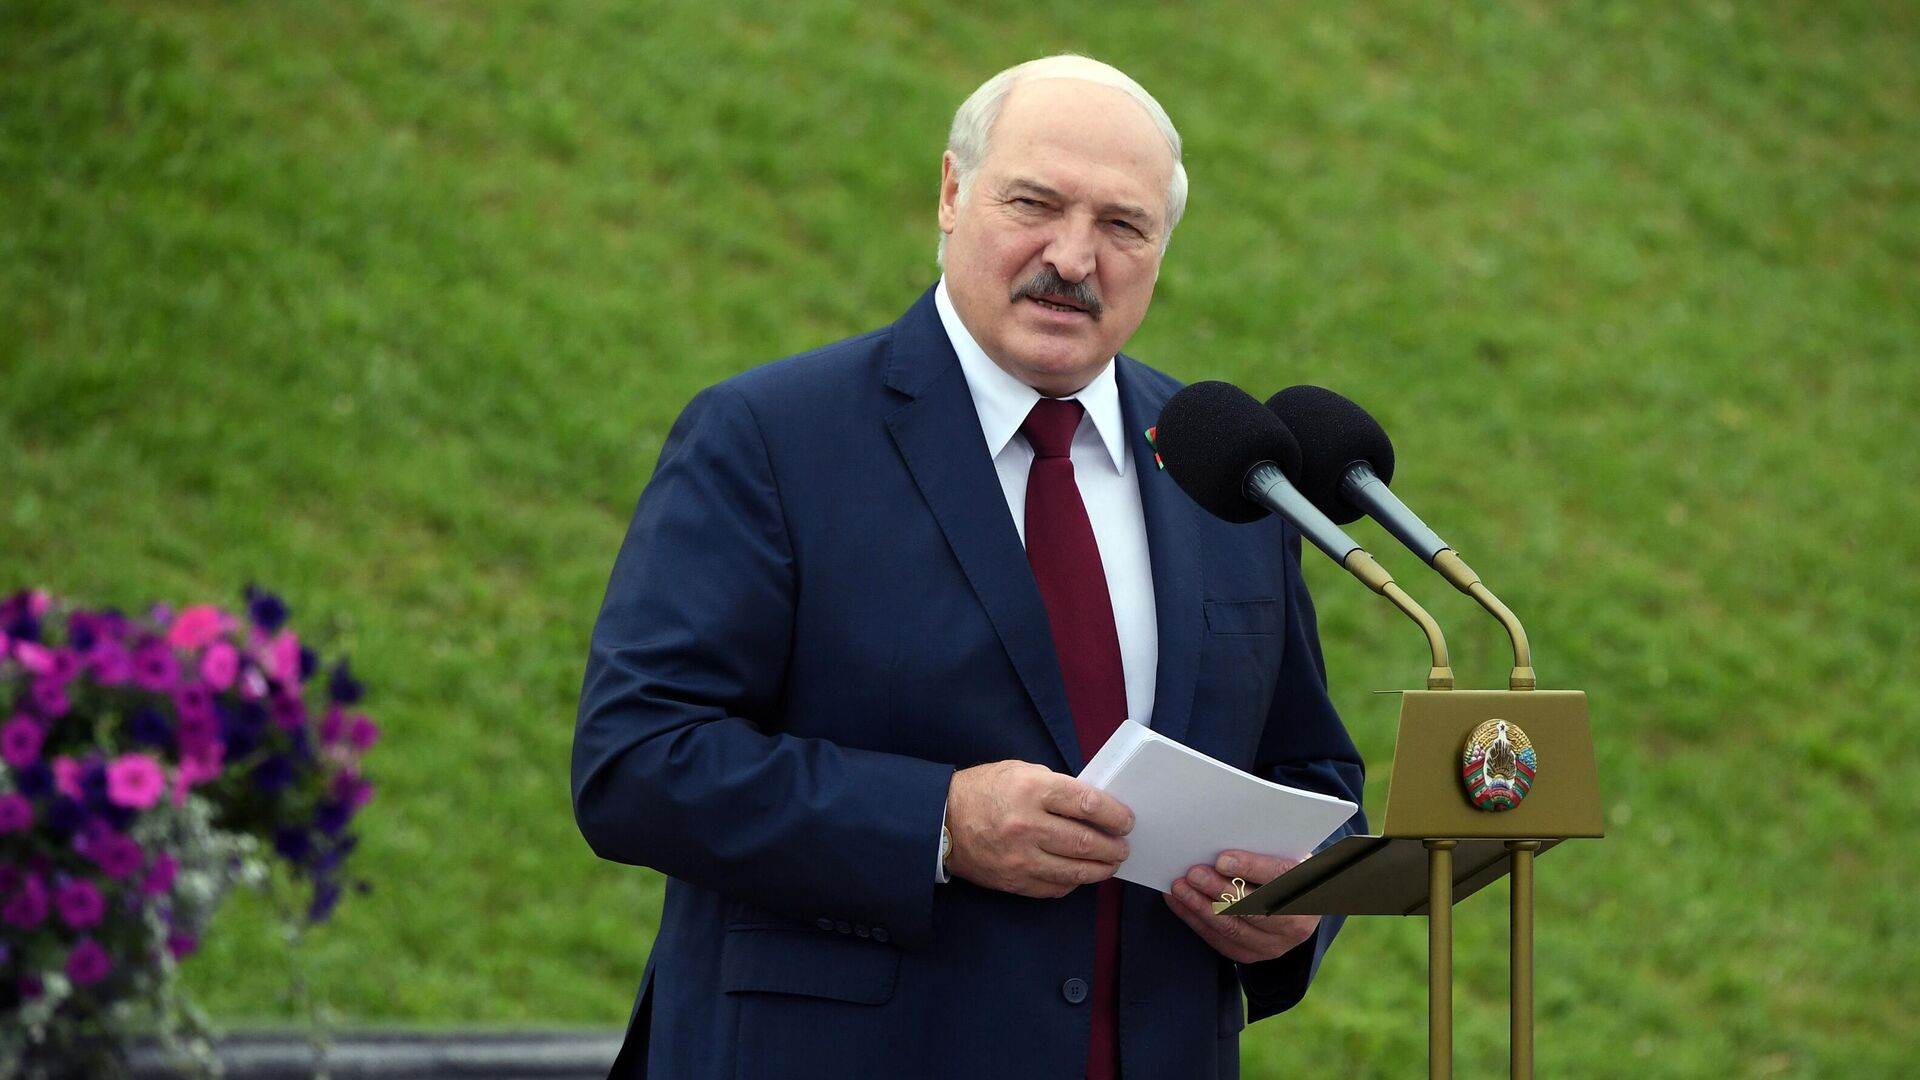 Президент Белоруссии Александр Лукашенко выступает на торжественном митинге, посвященном Дню независимости Белоруссии - РИА Новости, 1920, 14.09.2021